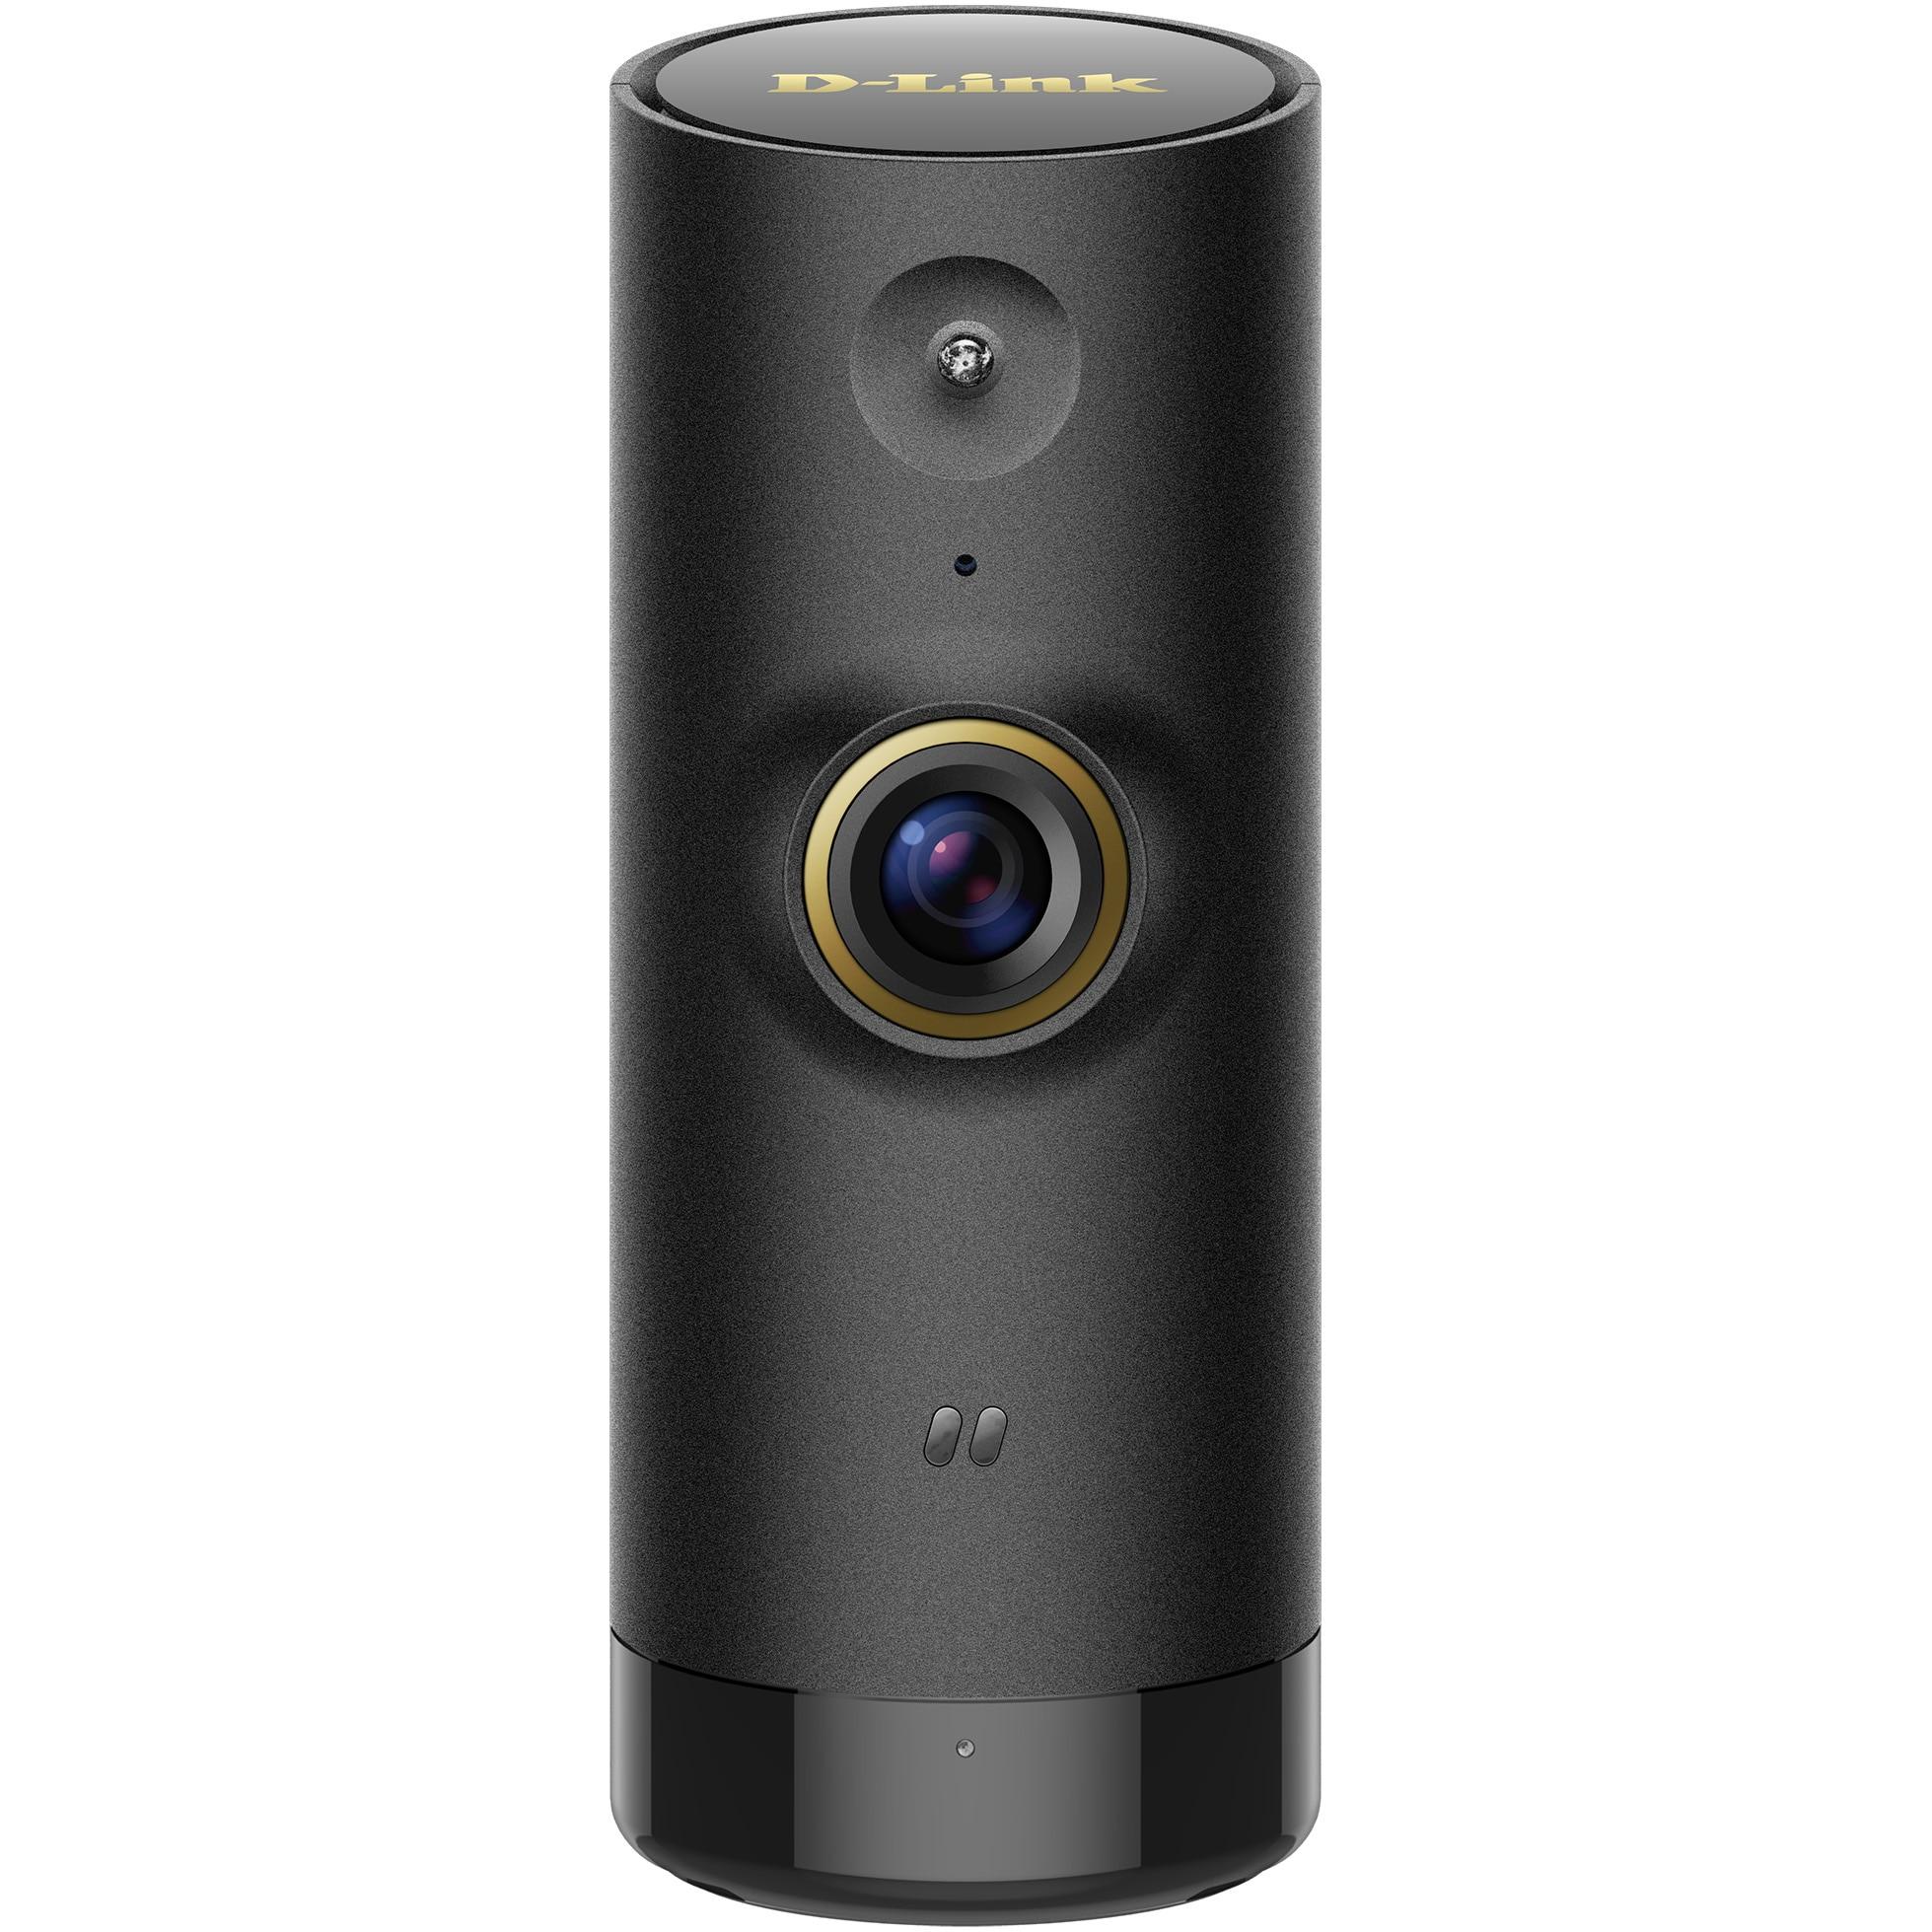 Fotografie Mini HD WiFi Camera, Day & night HD monitoring, Remote access